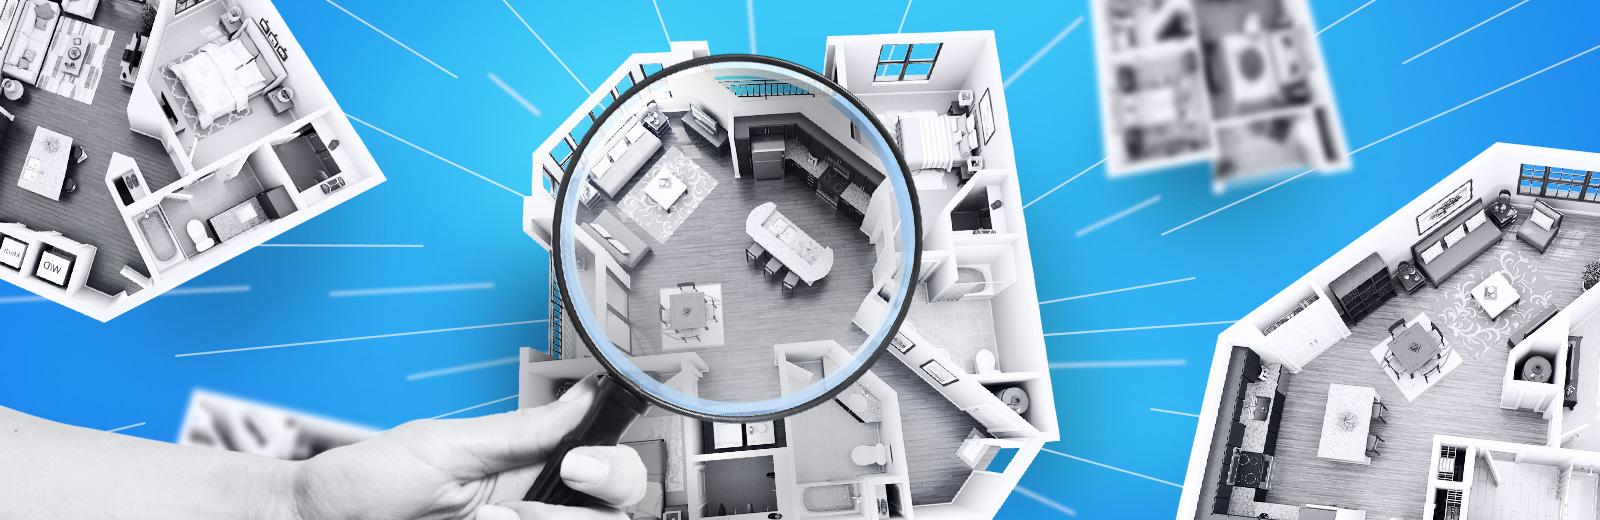 Найти квартиру или дом: как в поиске может помочь сервис бизнес-ассистентов?